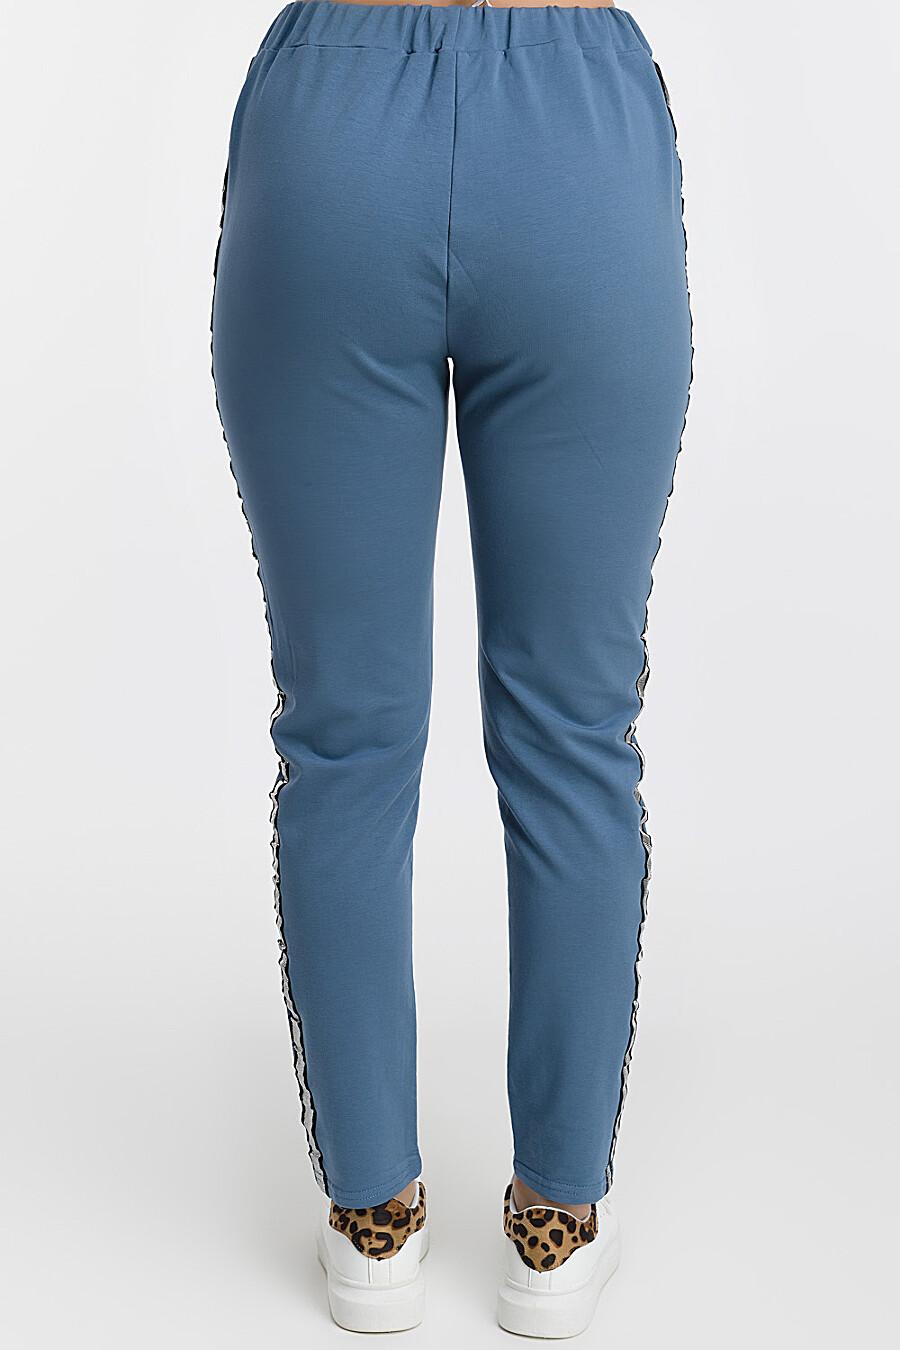 Брюки для женщин MODALIME 169465 купить оптом от производителя. Совместная покупка женской одежды в OptMoyo